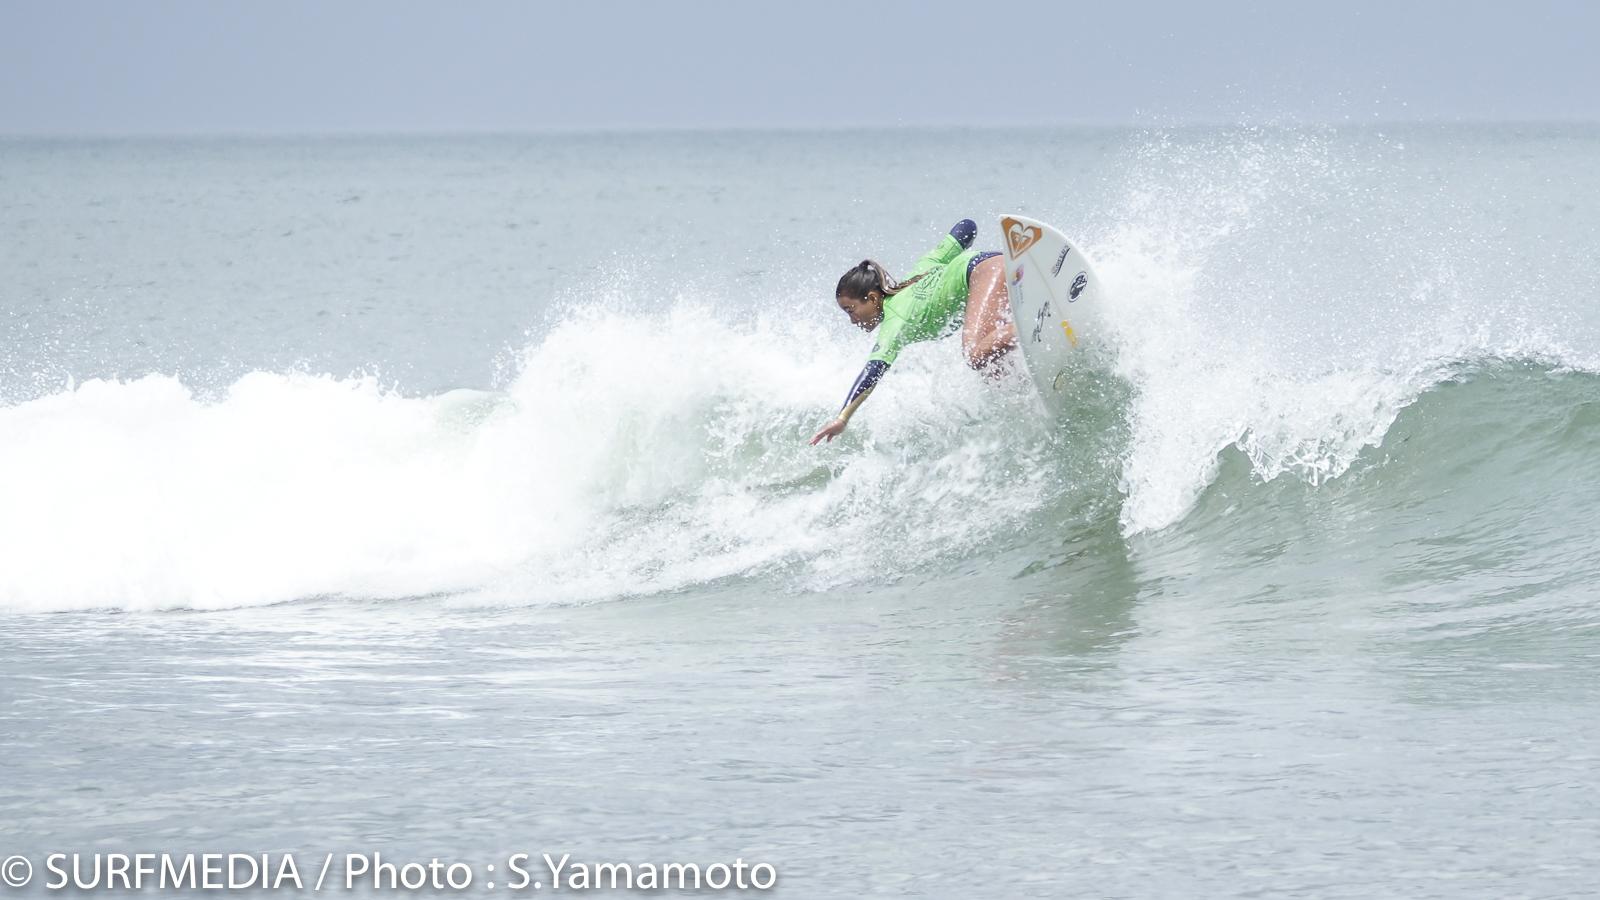 julie nishimoto-7014150